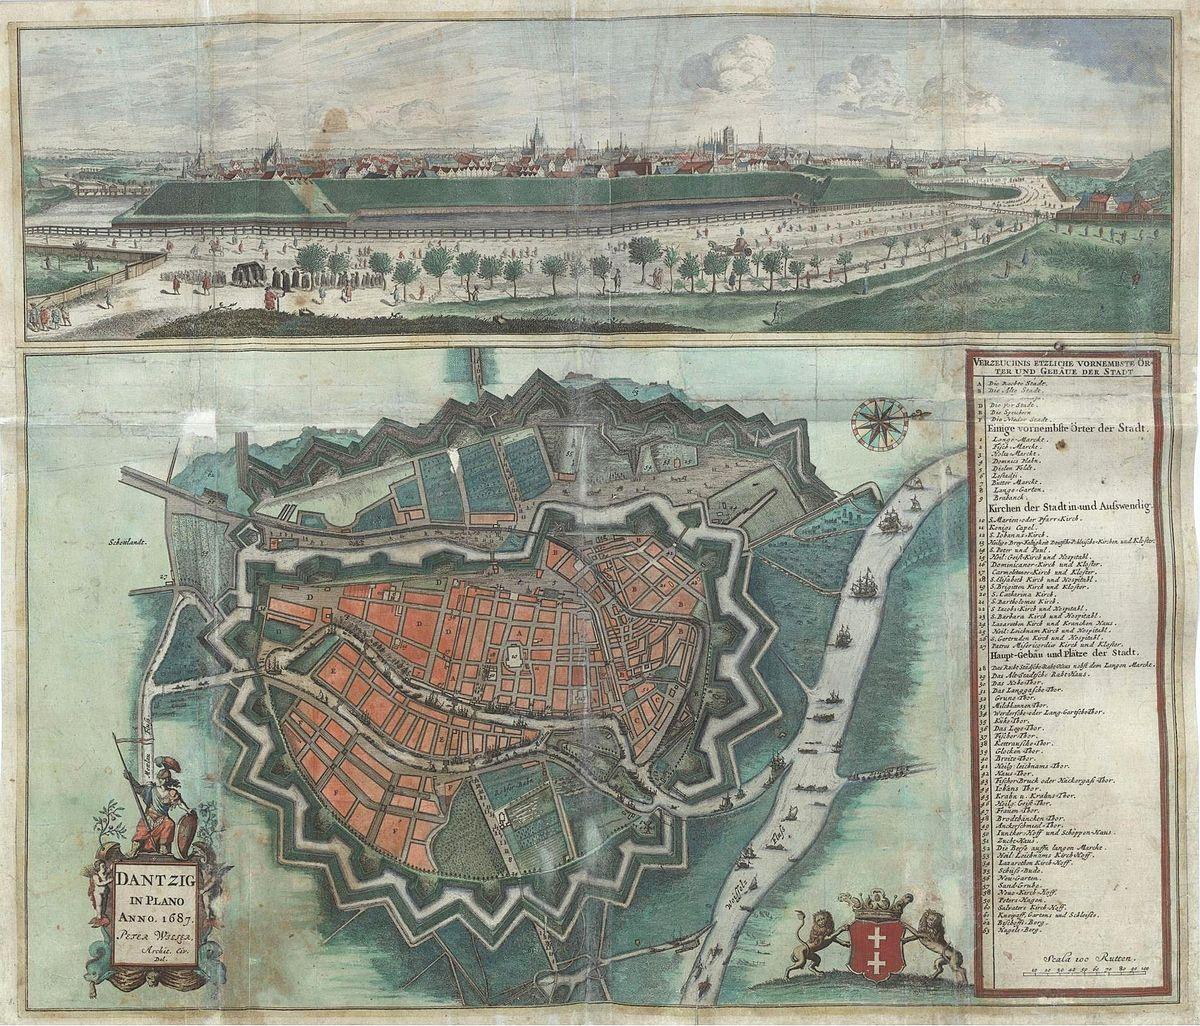 History of Gdańsk - Wikipedia